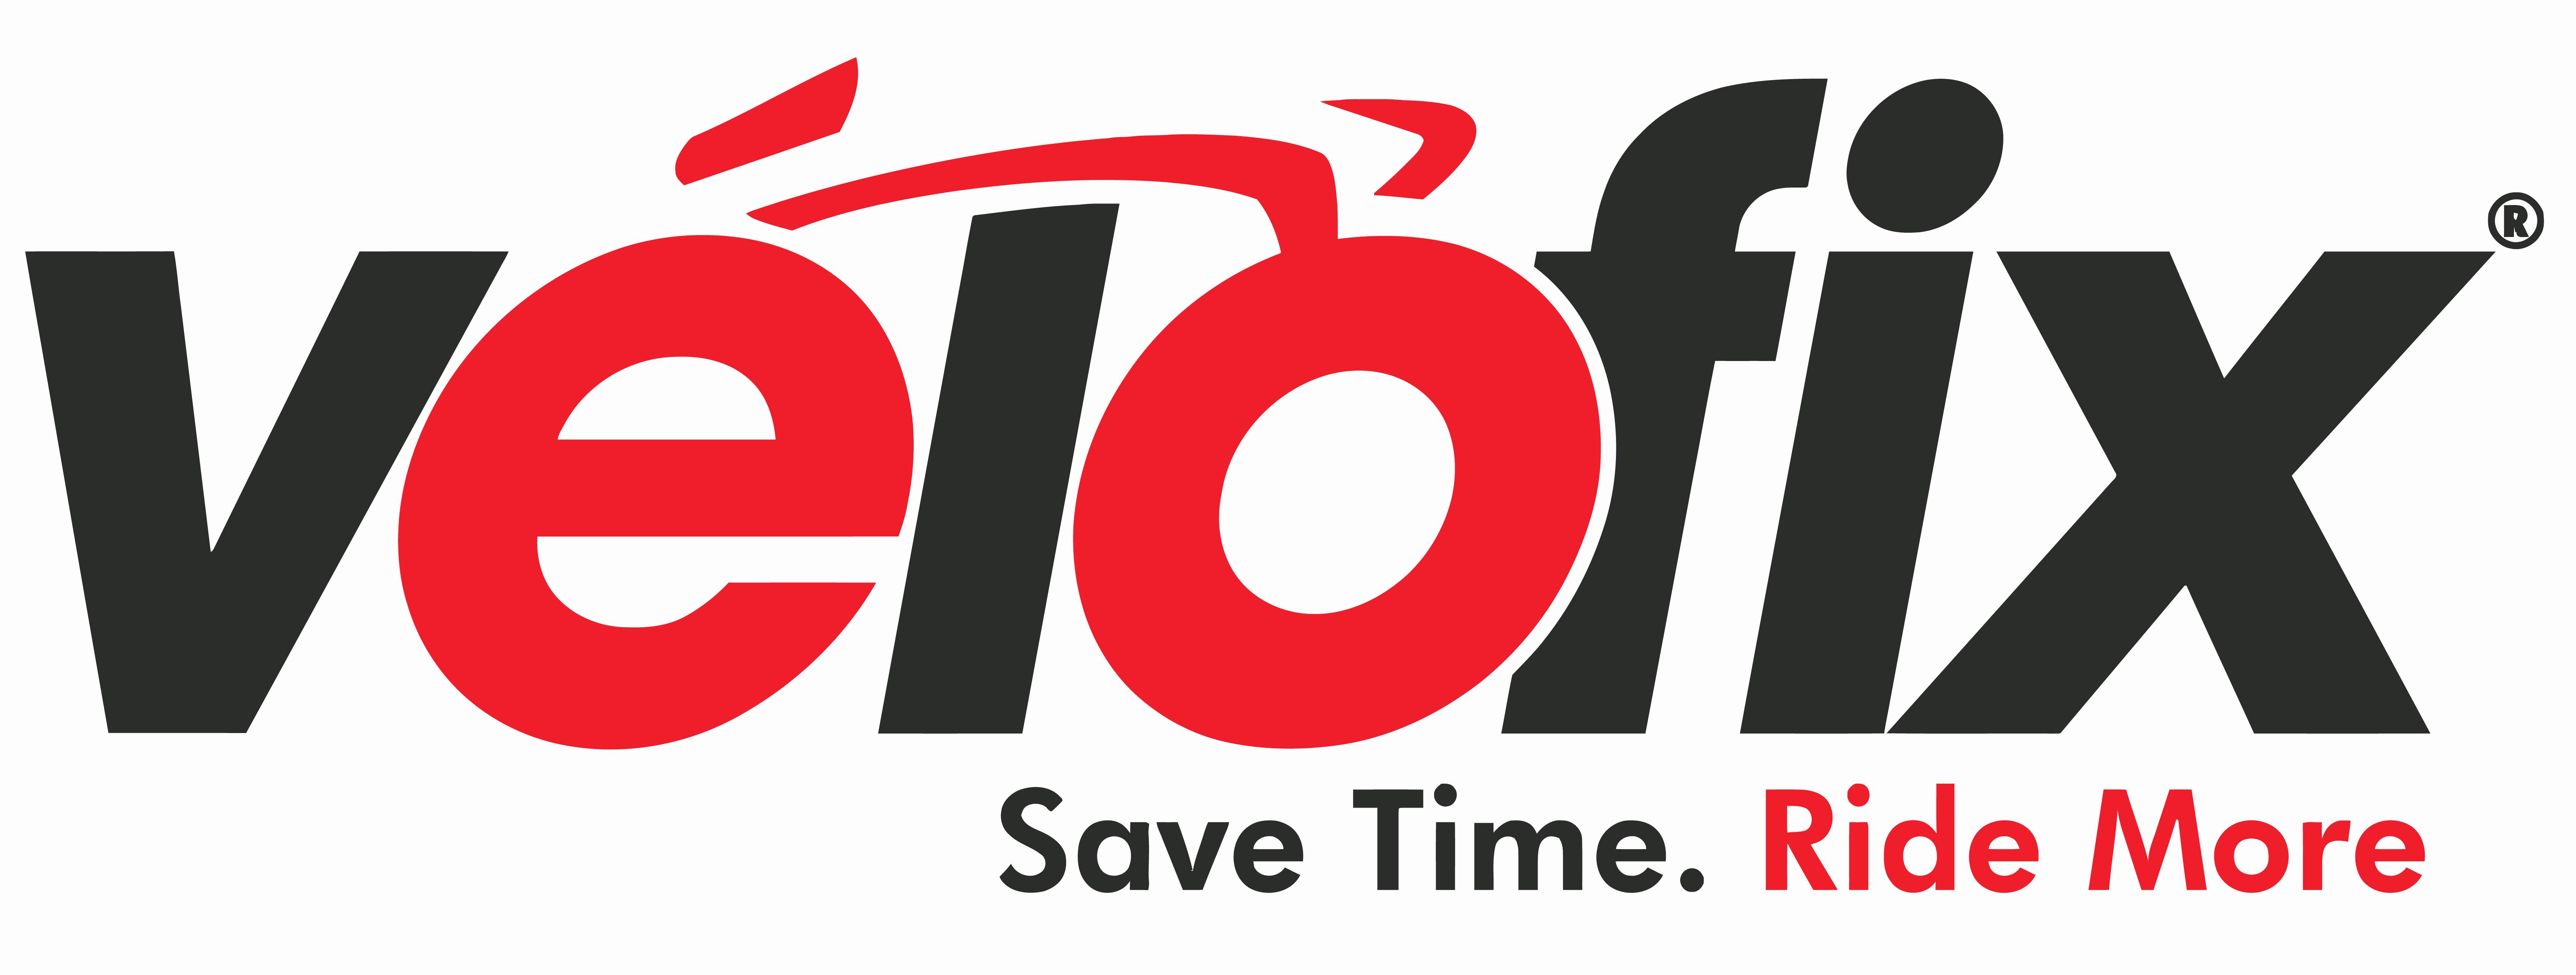 Marsh & McLennan Agency is endorsed by Velofix